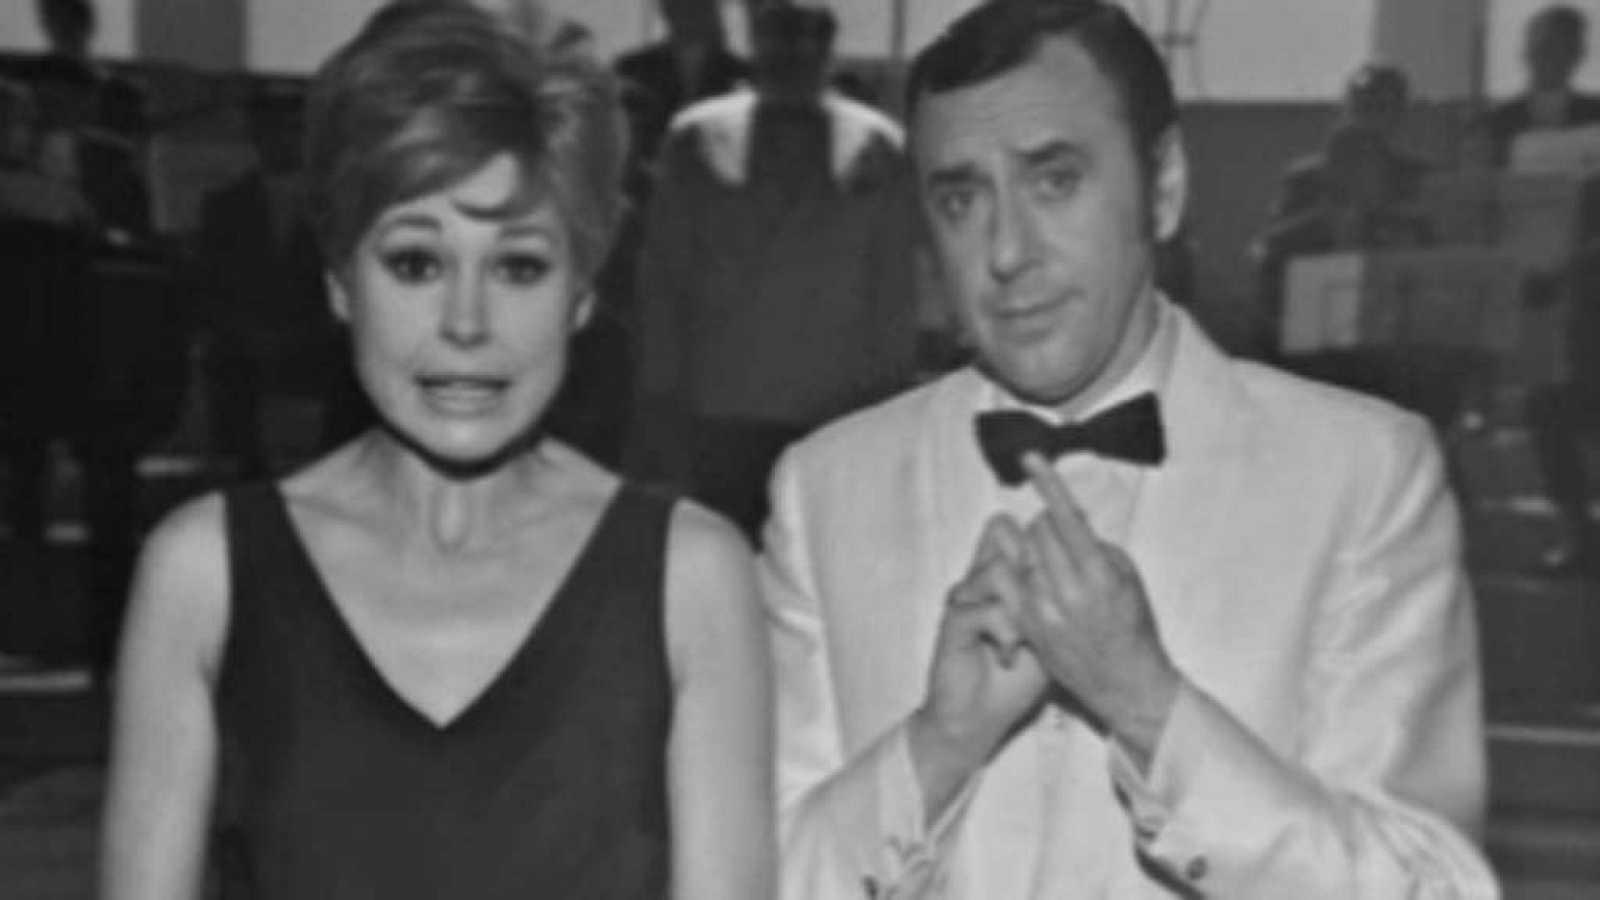 Galas del sábado - 19/7/1969